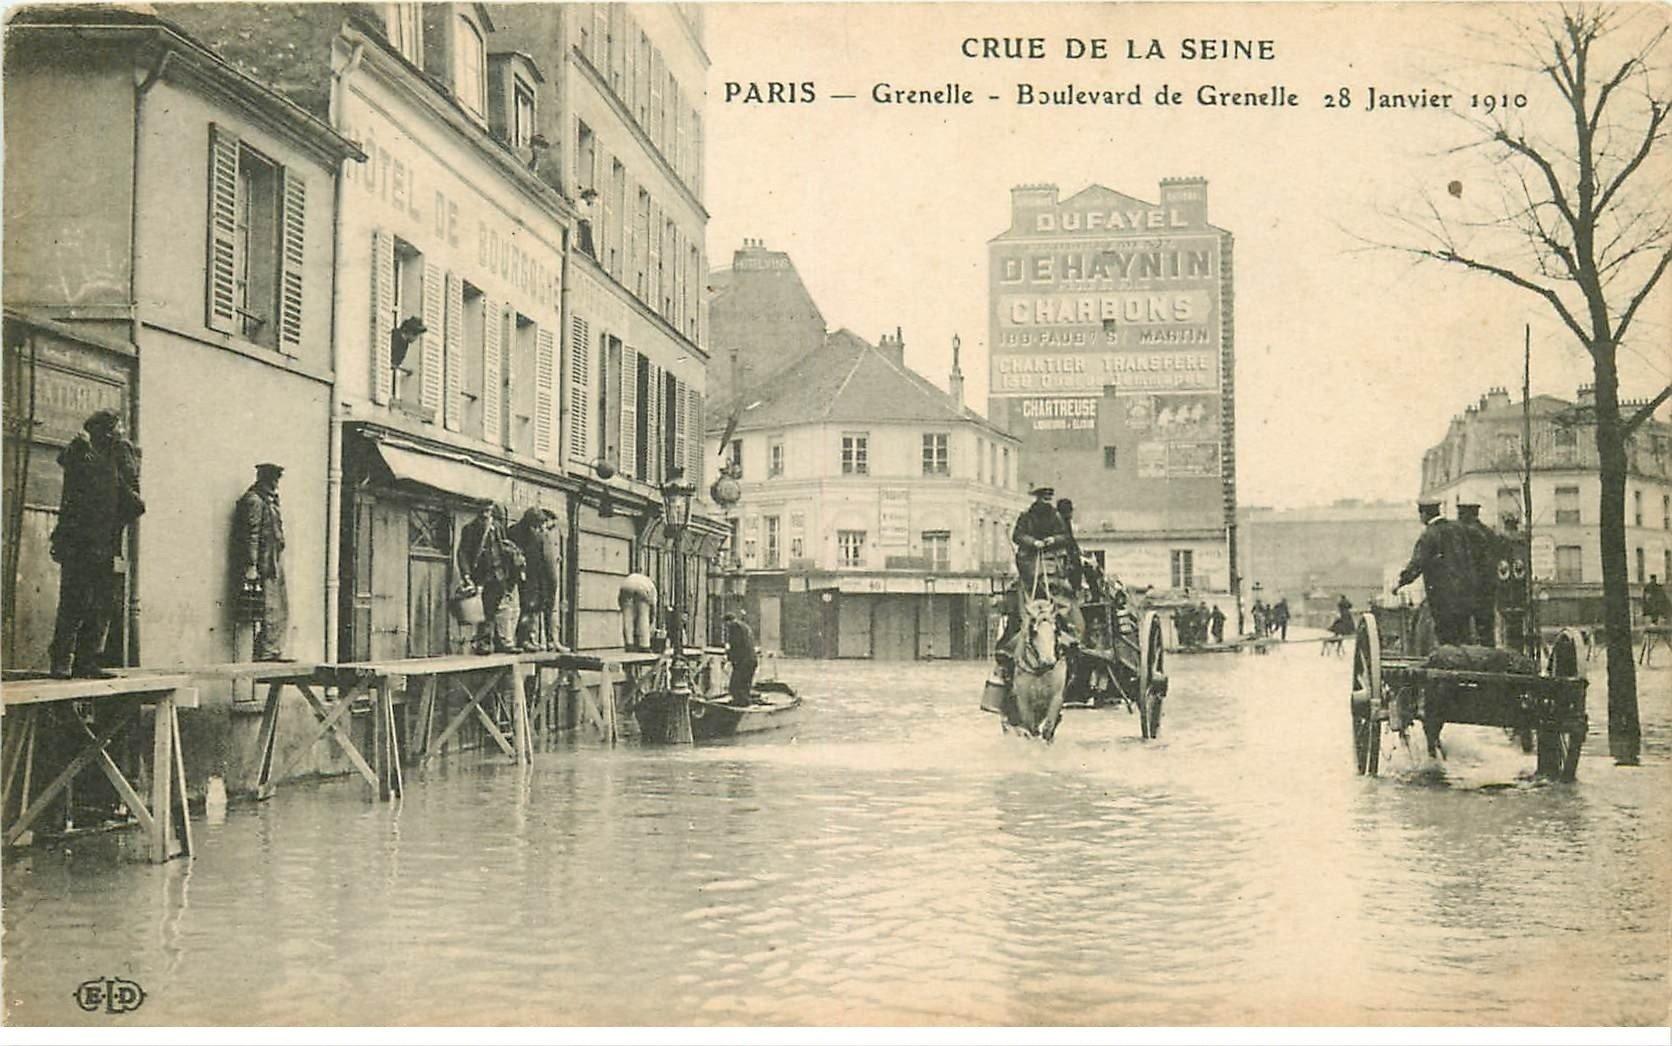 carte postale ancienne INONDATION ET CRUE PARIS 1910. Boulevard de Grenelle Hôtel de Bourgogne